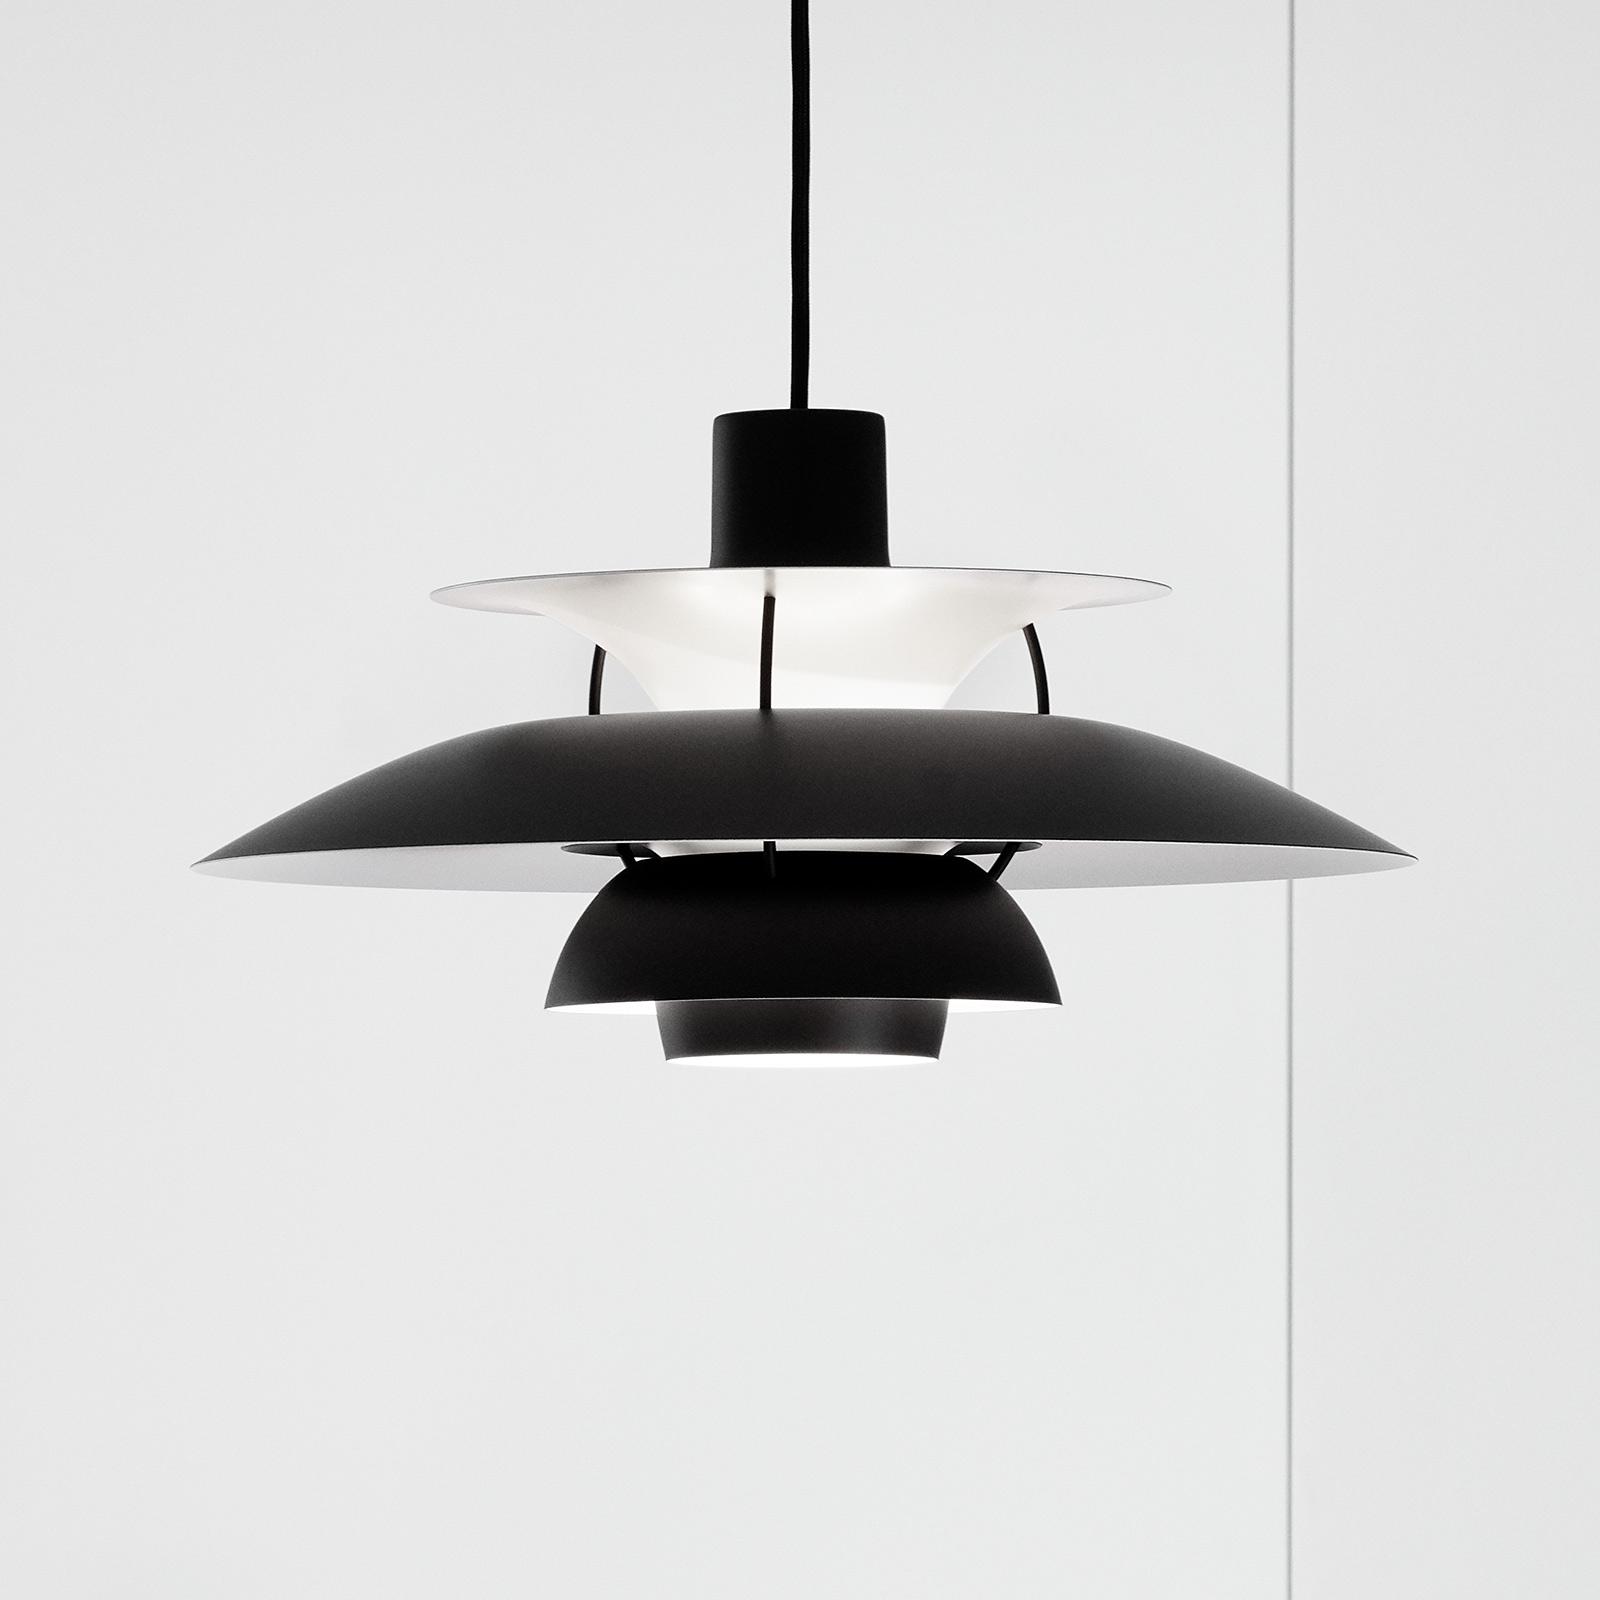 Louis Poulsen PH 5 hængelampe, monokrom sort